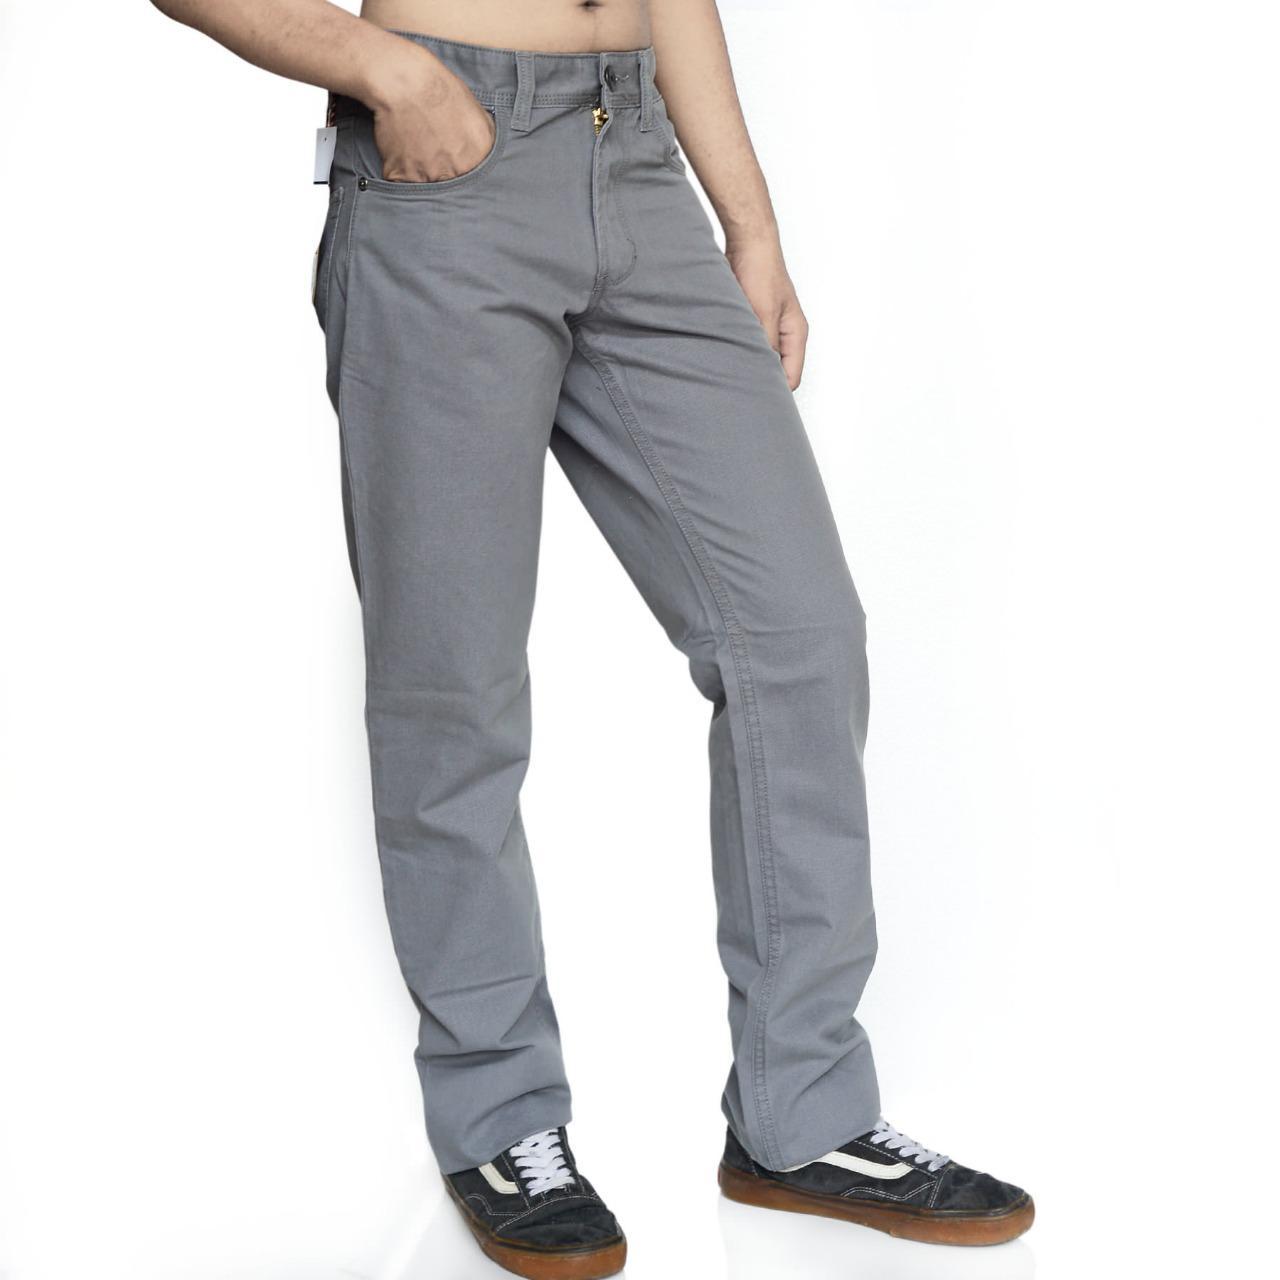 Emba Casual Celana Panjang Pria EPA 012 Modern Basic 116-01805-18-Grey